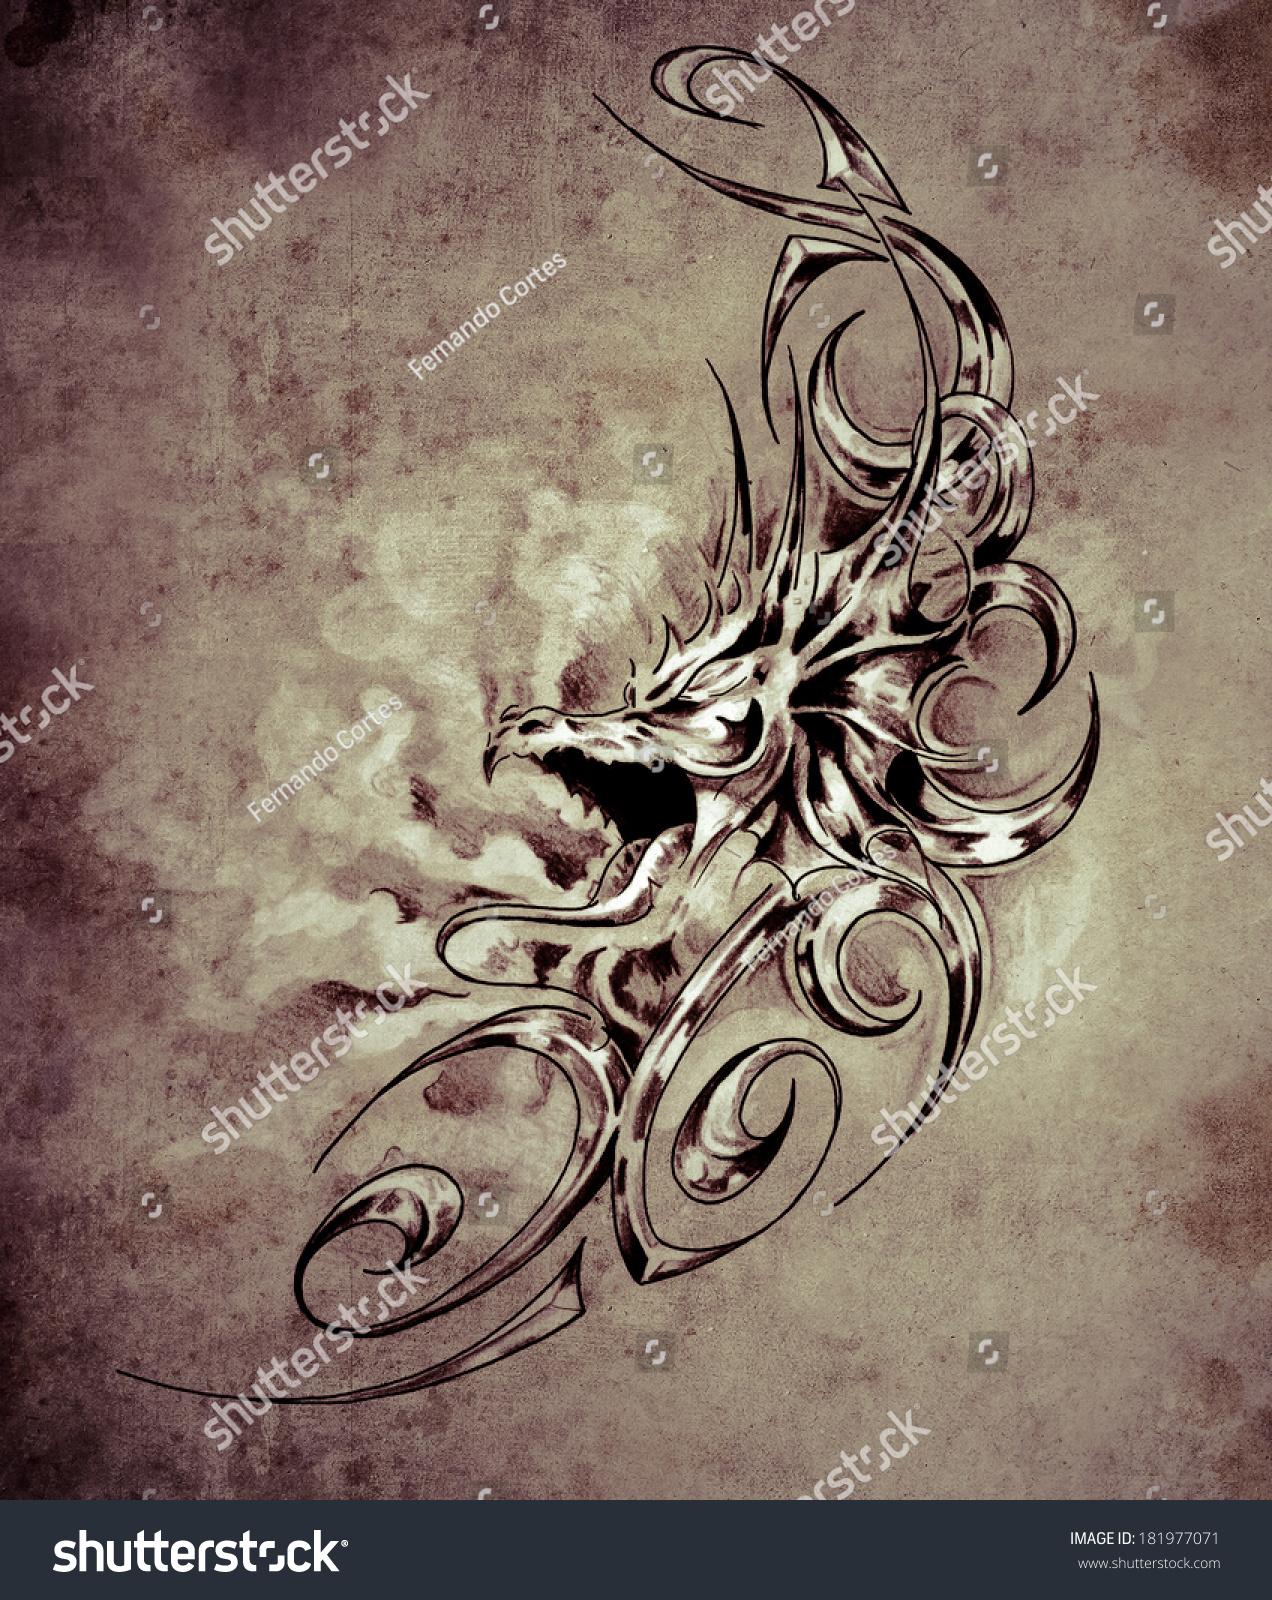 中世纪龙的纹身艺术,装饰图片